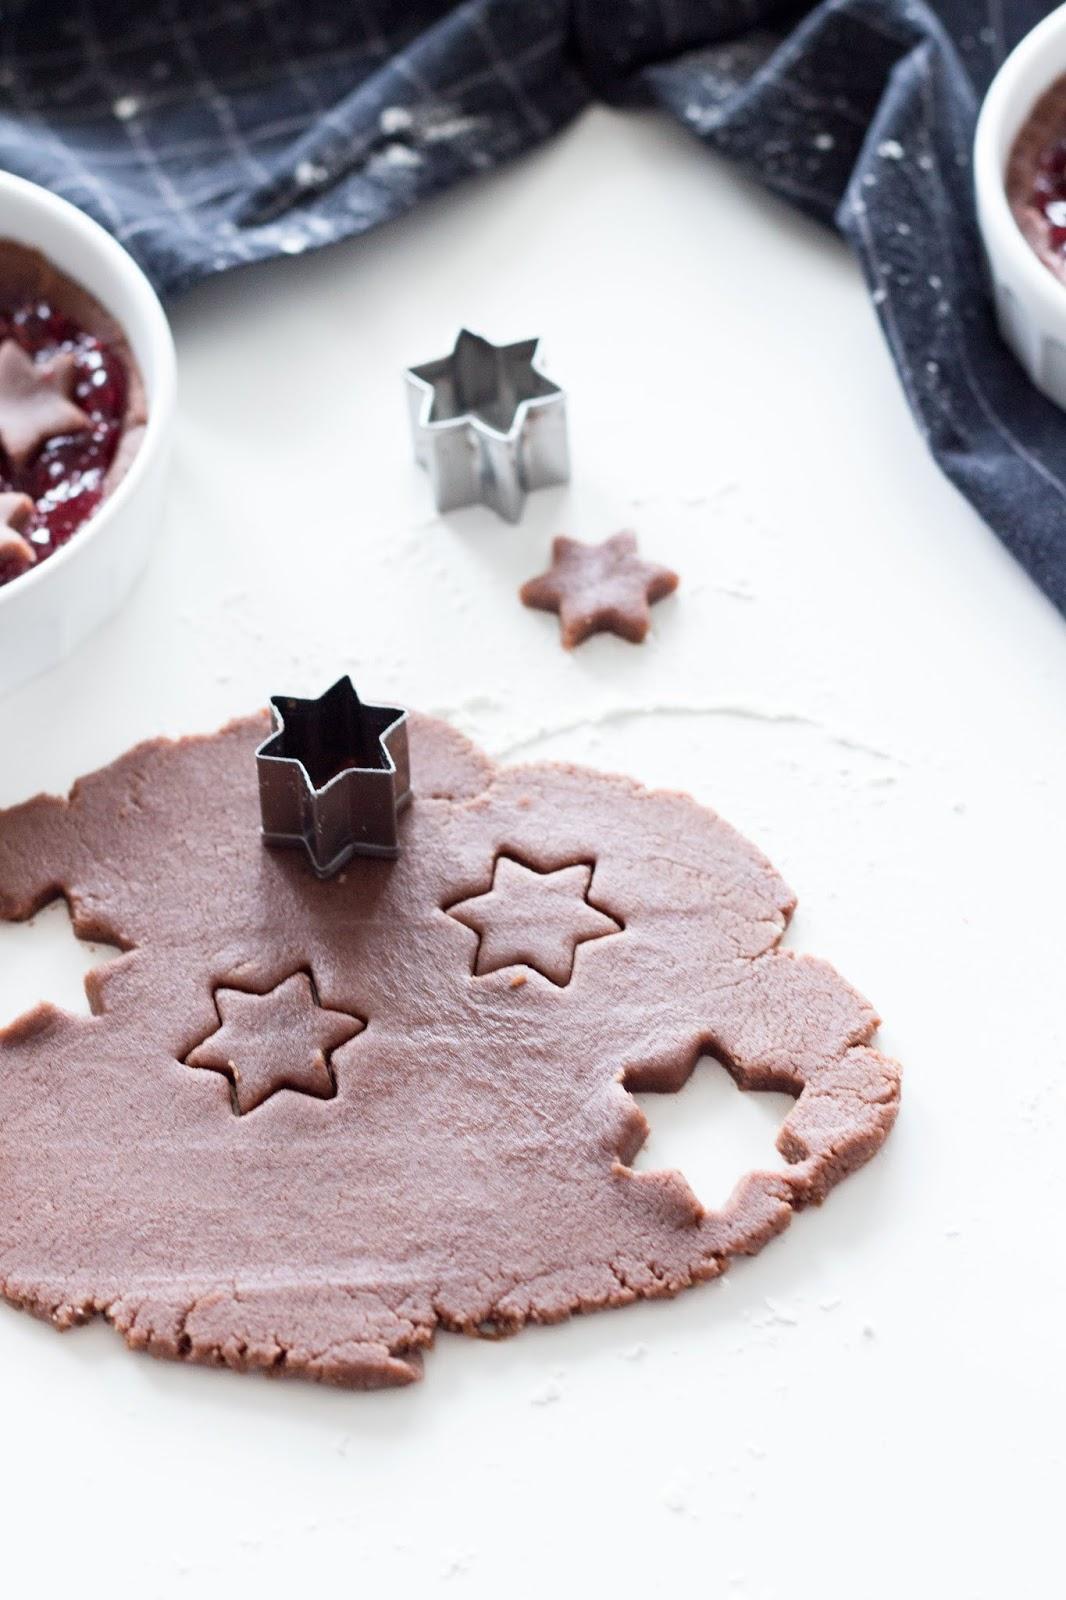 Rezept | Mini-Linzer-Törtchen zum Verschenken an Weihnachten | www.scandiinpsiration.com